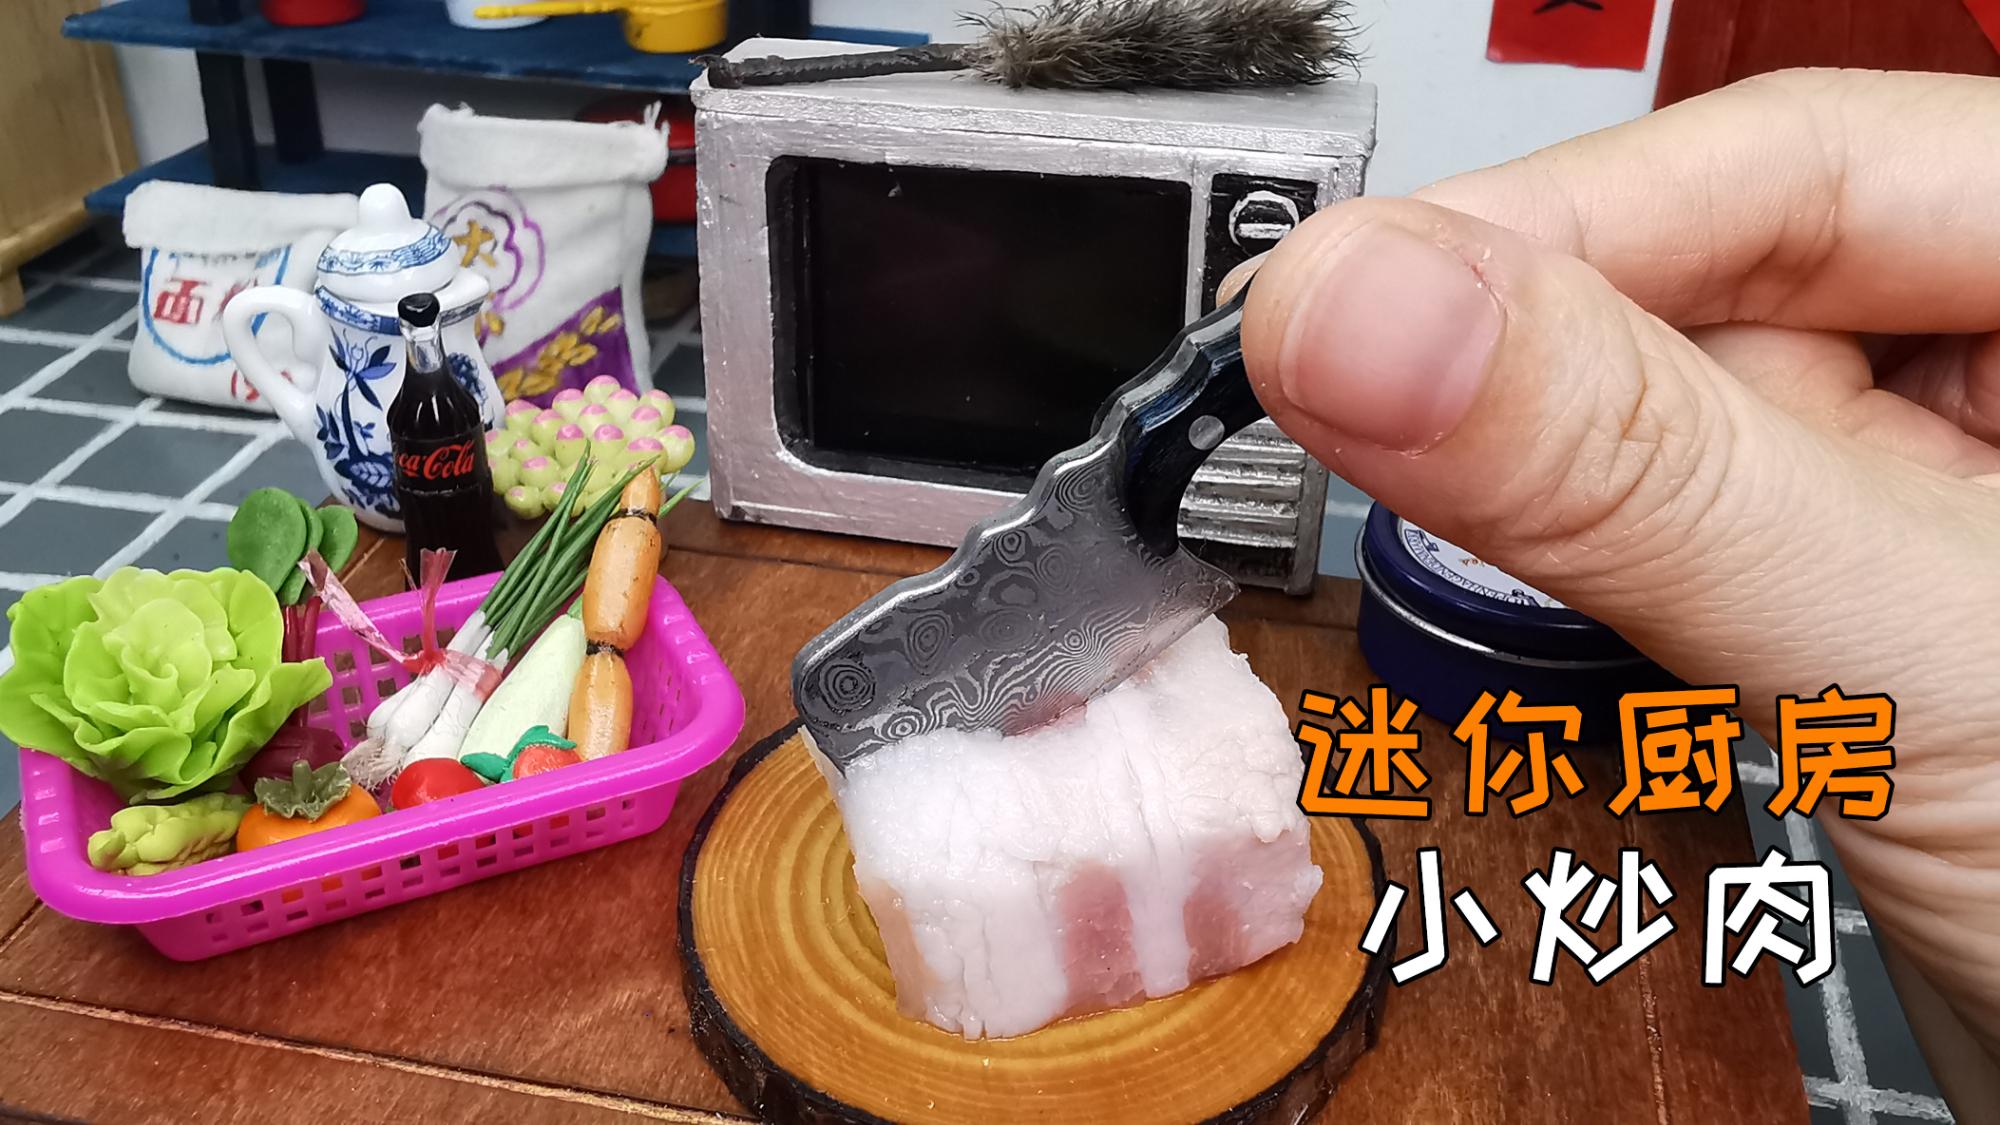 小炒肉,我在家用0.5元成本能做一大盆,比回锅肉好吃